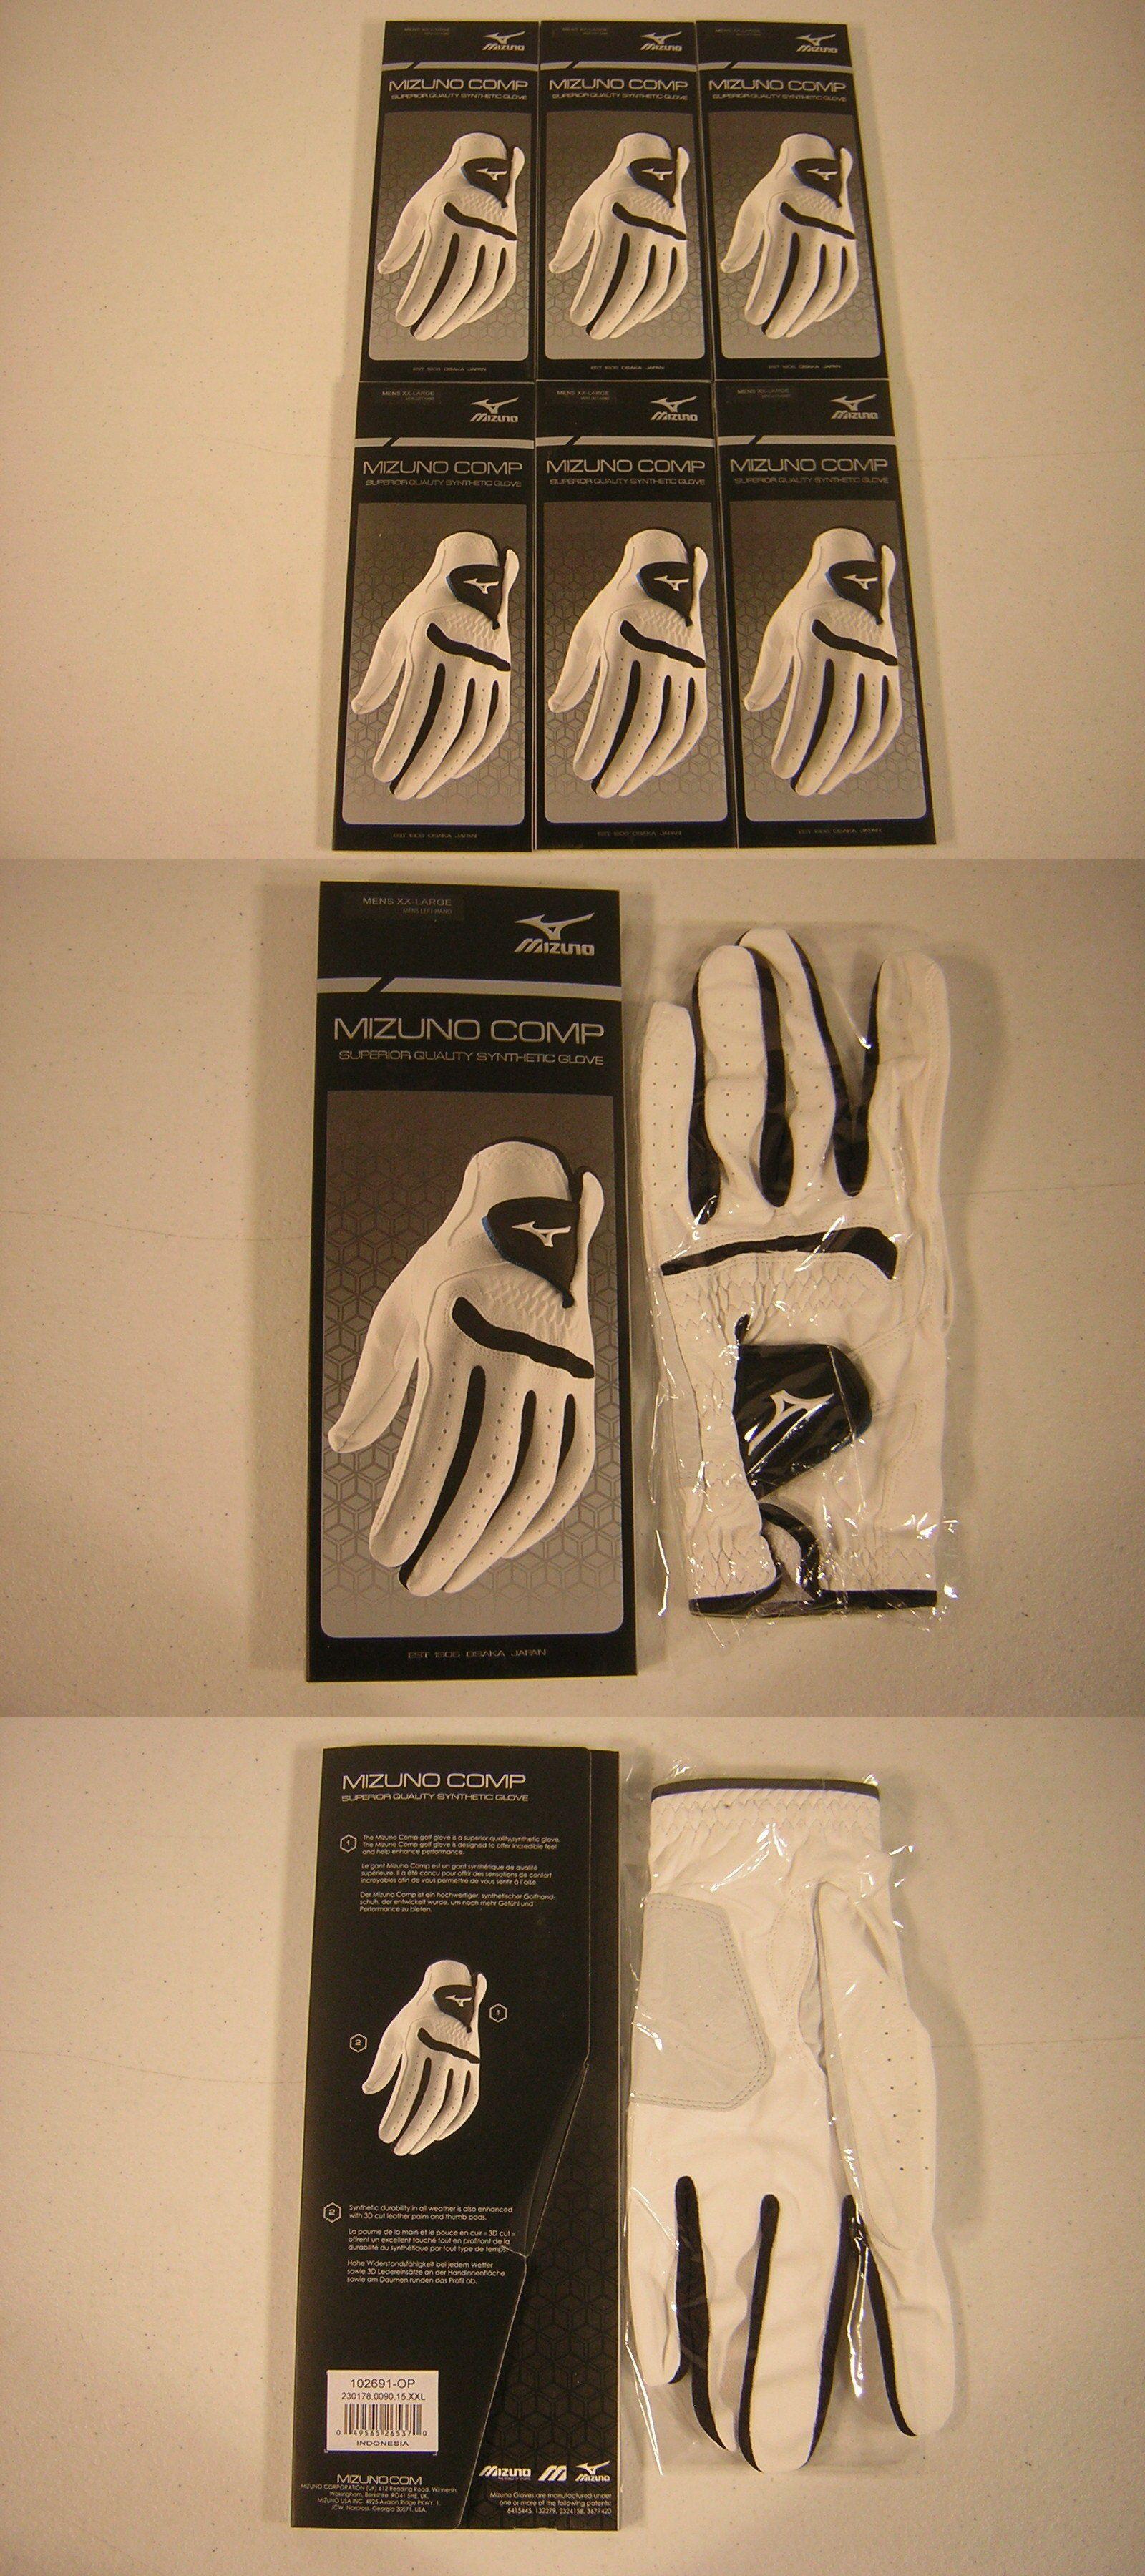 Mens golf gloves xxl - Golf Gloves 181135 New Mizuno Golf Comp Mens Gloves Size Xxl 6 Pack Buy